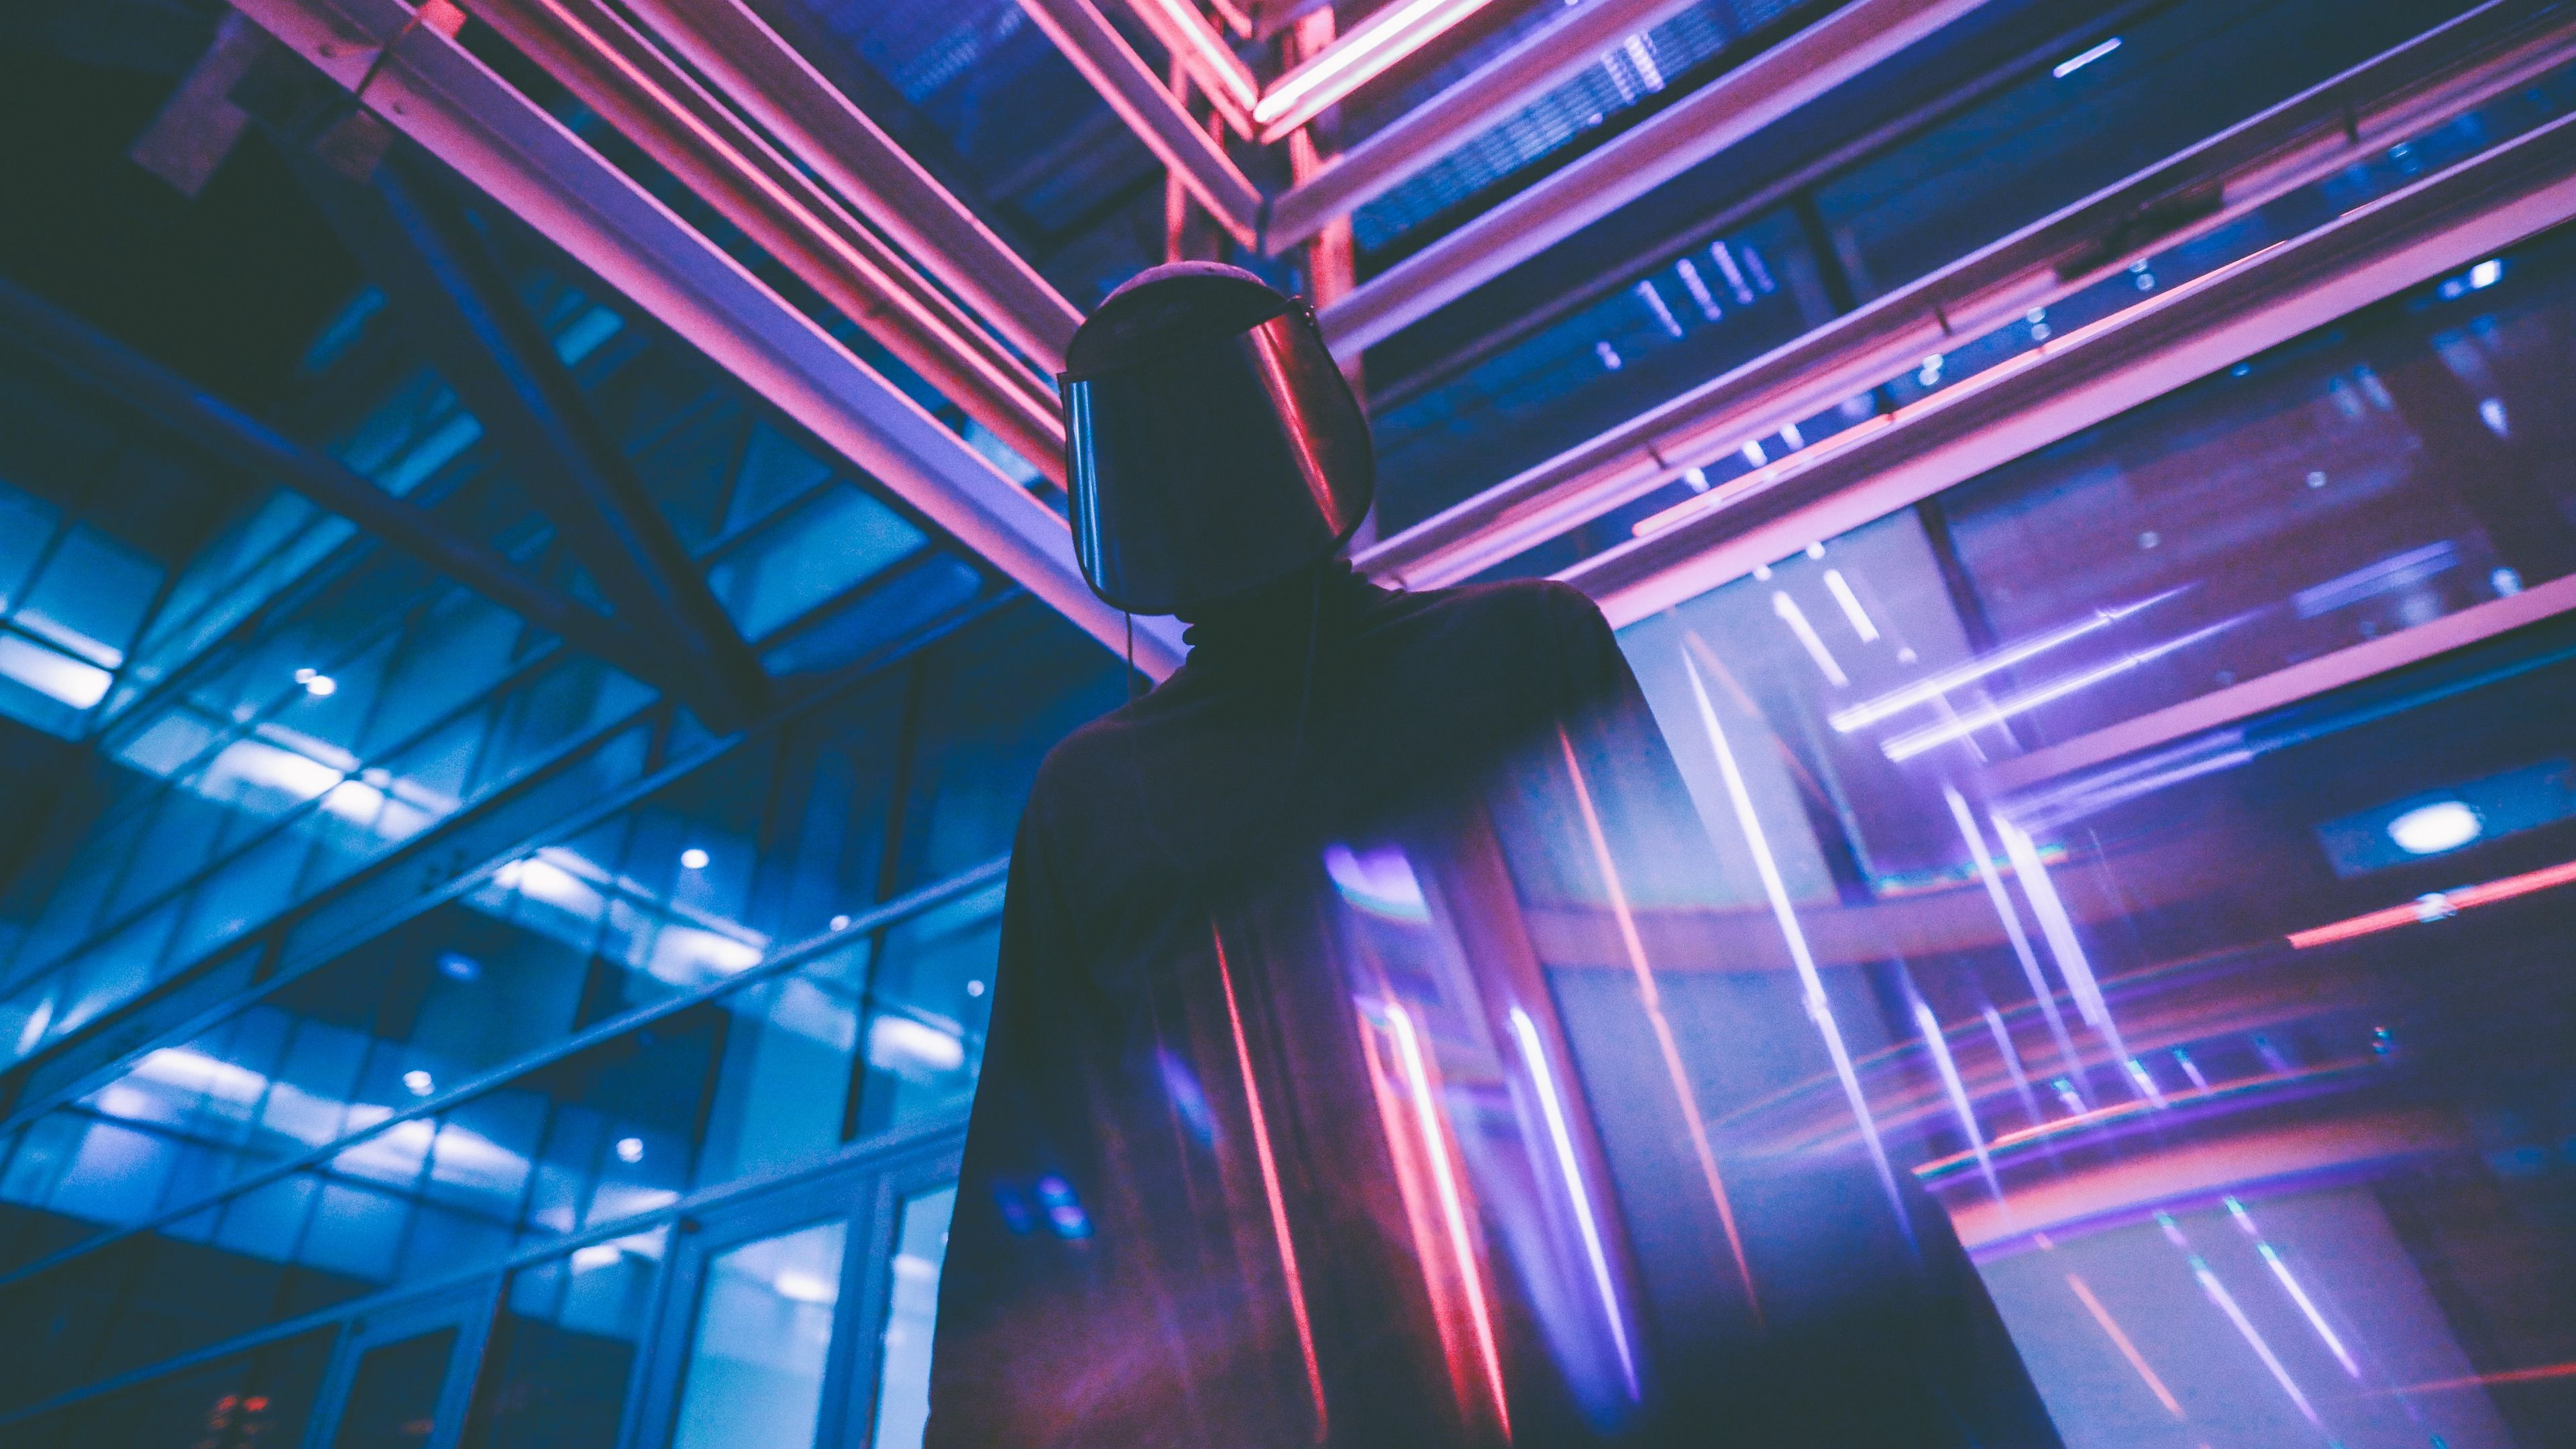 4k Neon Wallpapers Top Free 4k Neon Backgrounds